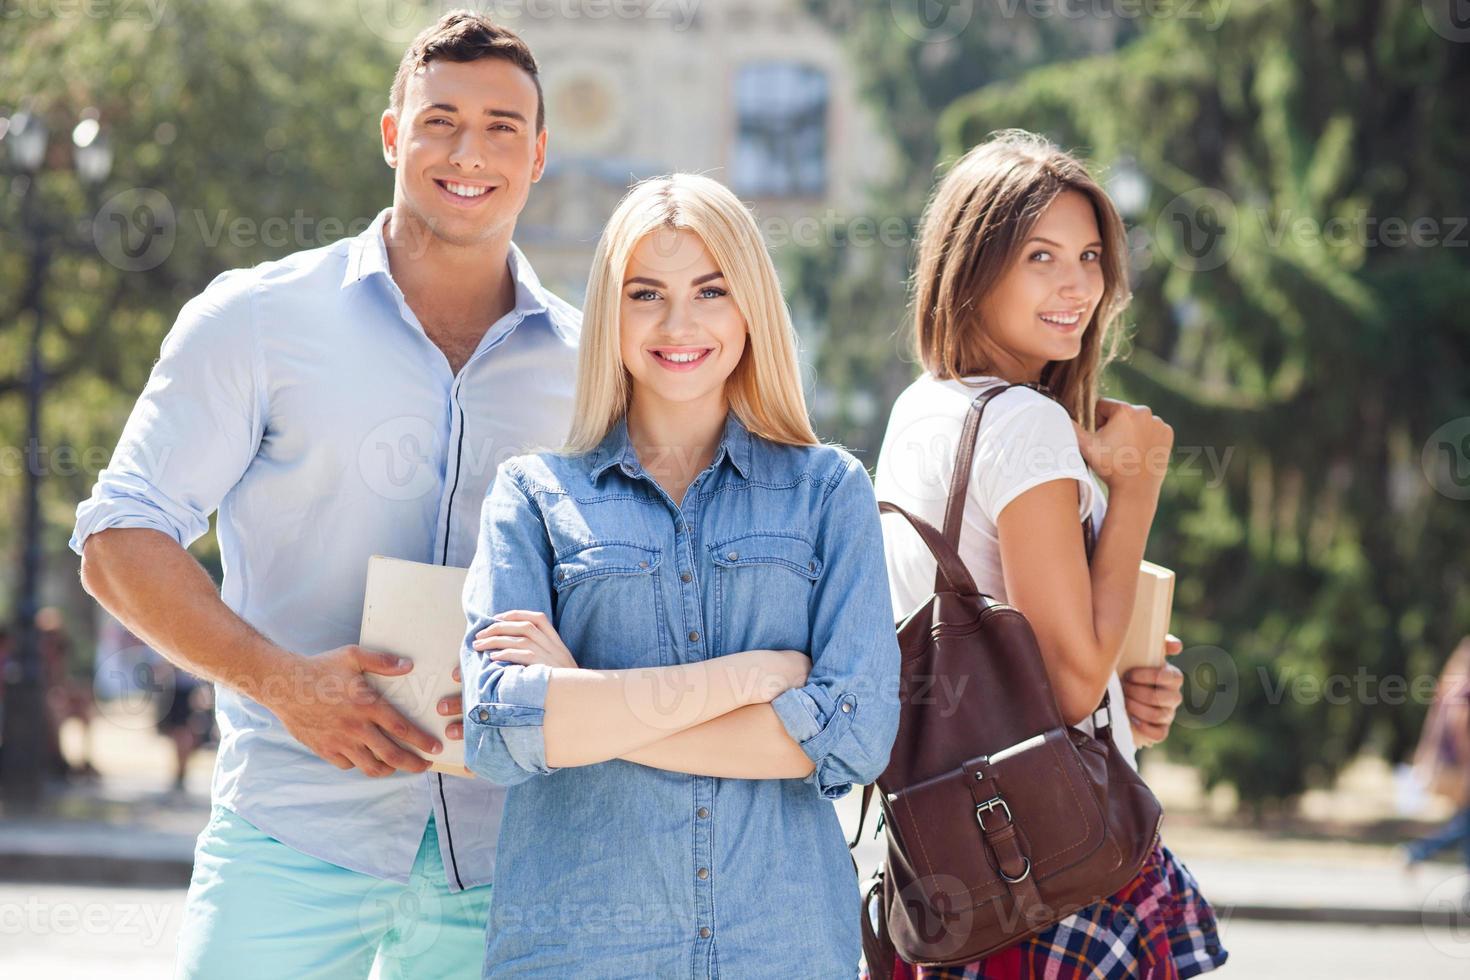 jovens amigos atraentes estão indo para a universidade foto